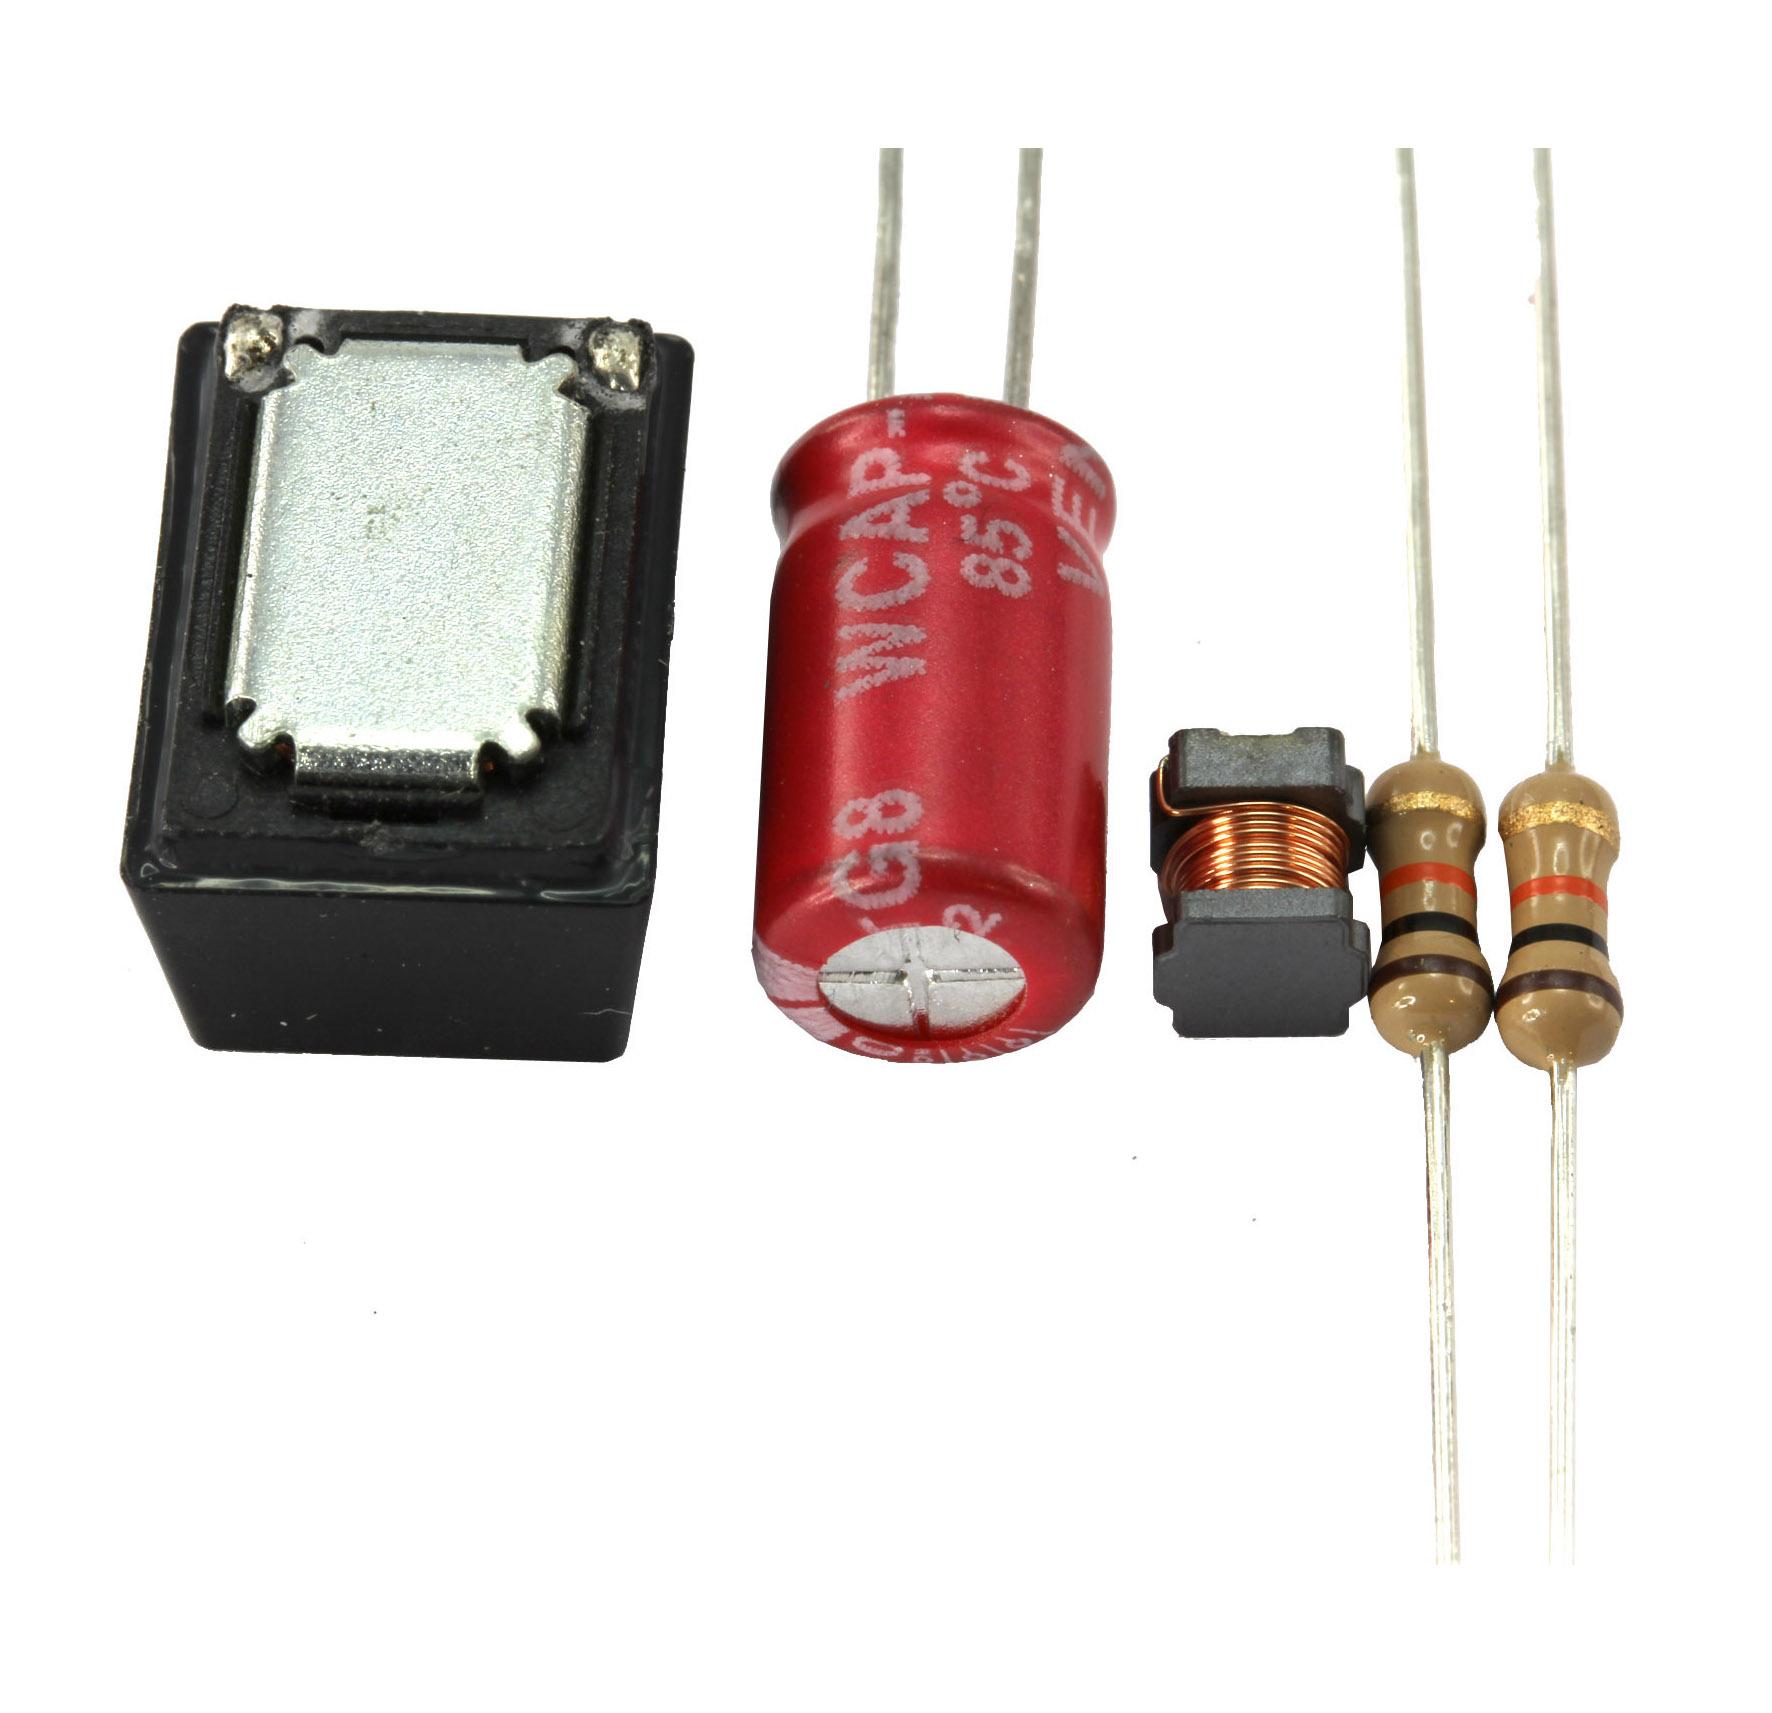 Mikro-Lautsprecher mit Bauteilesatz für Beschaltung